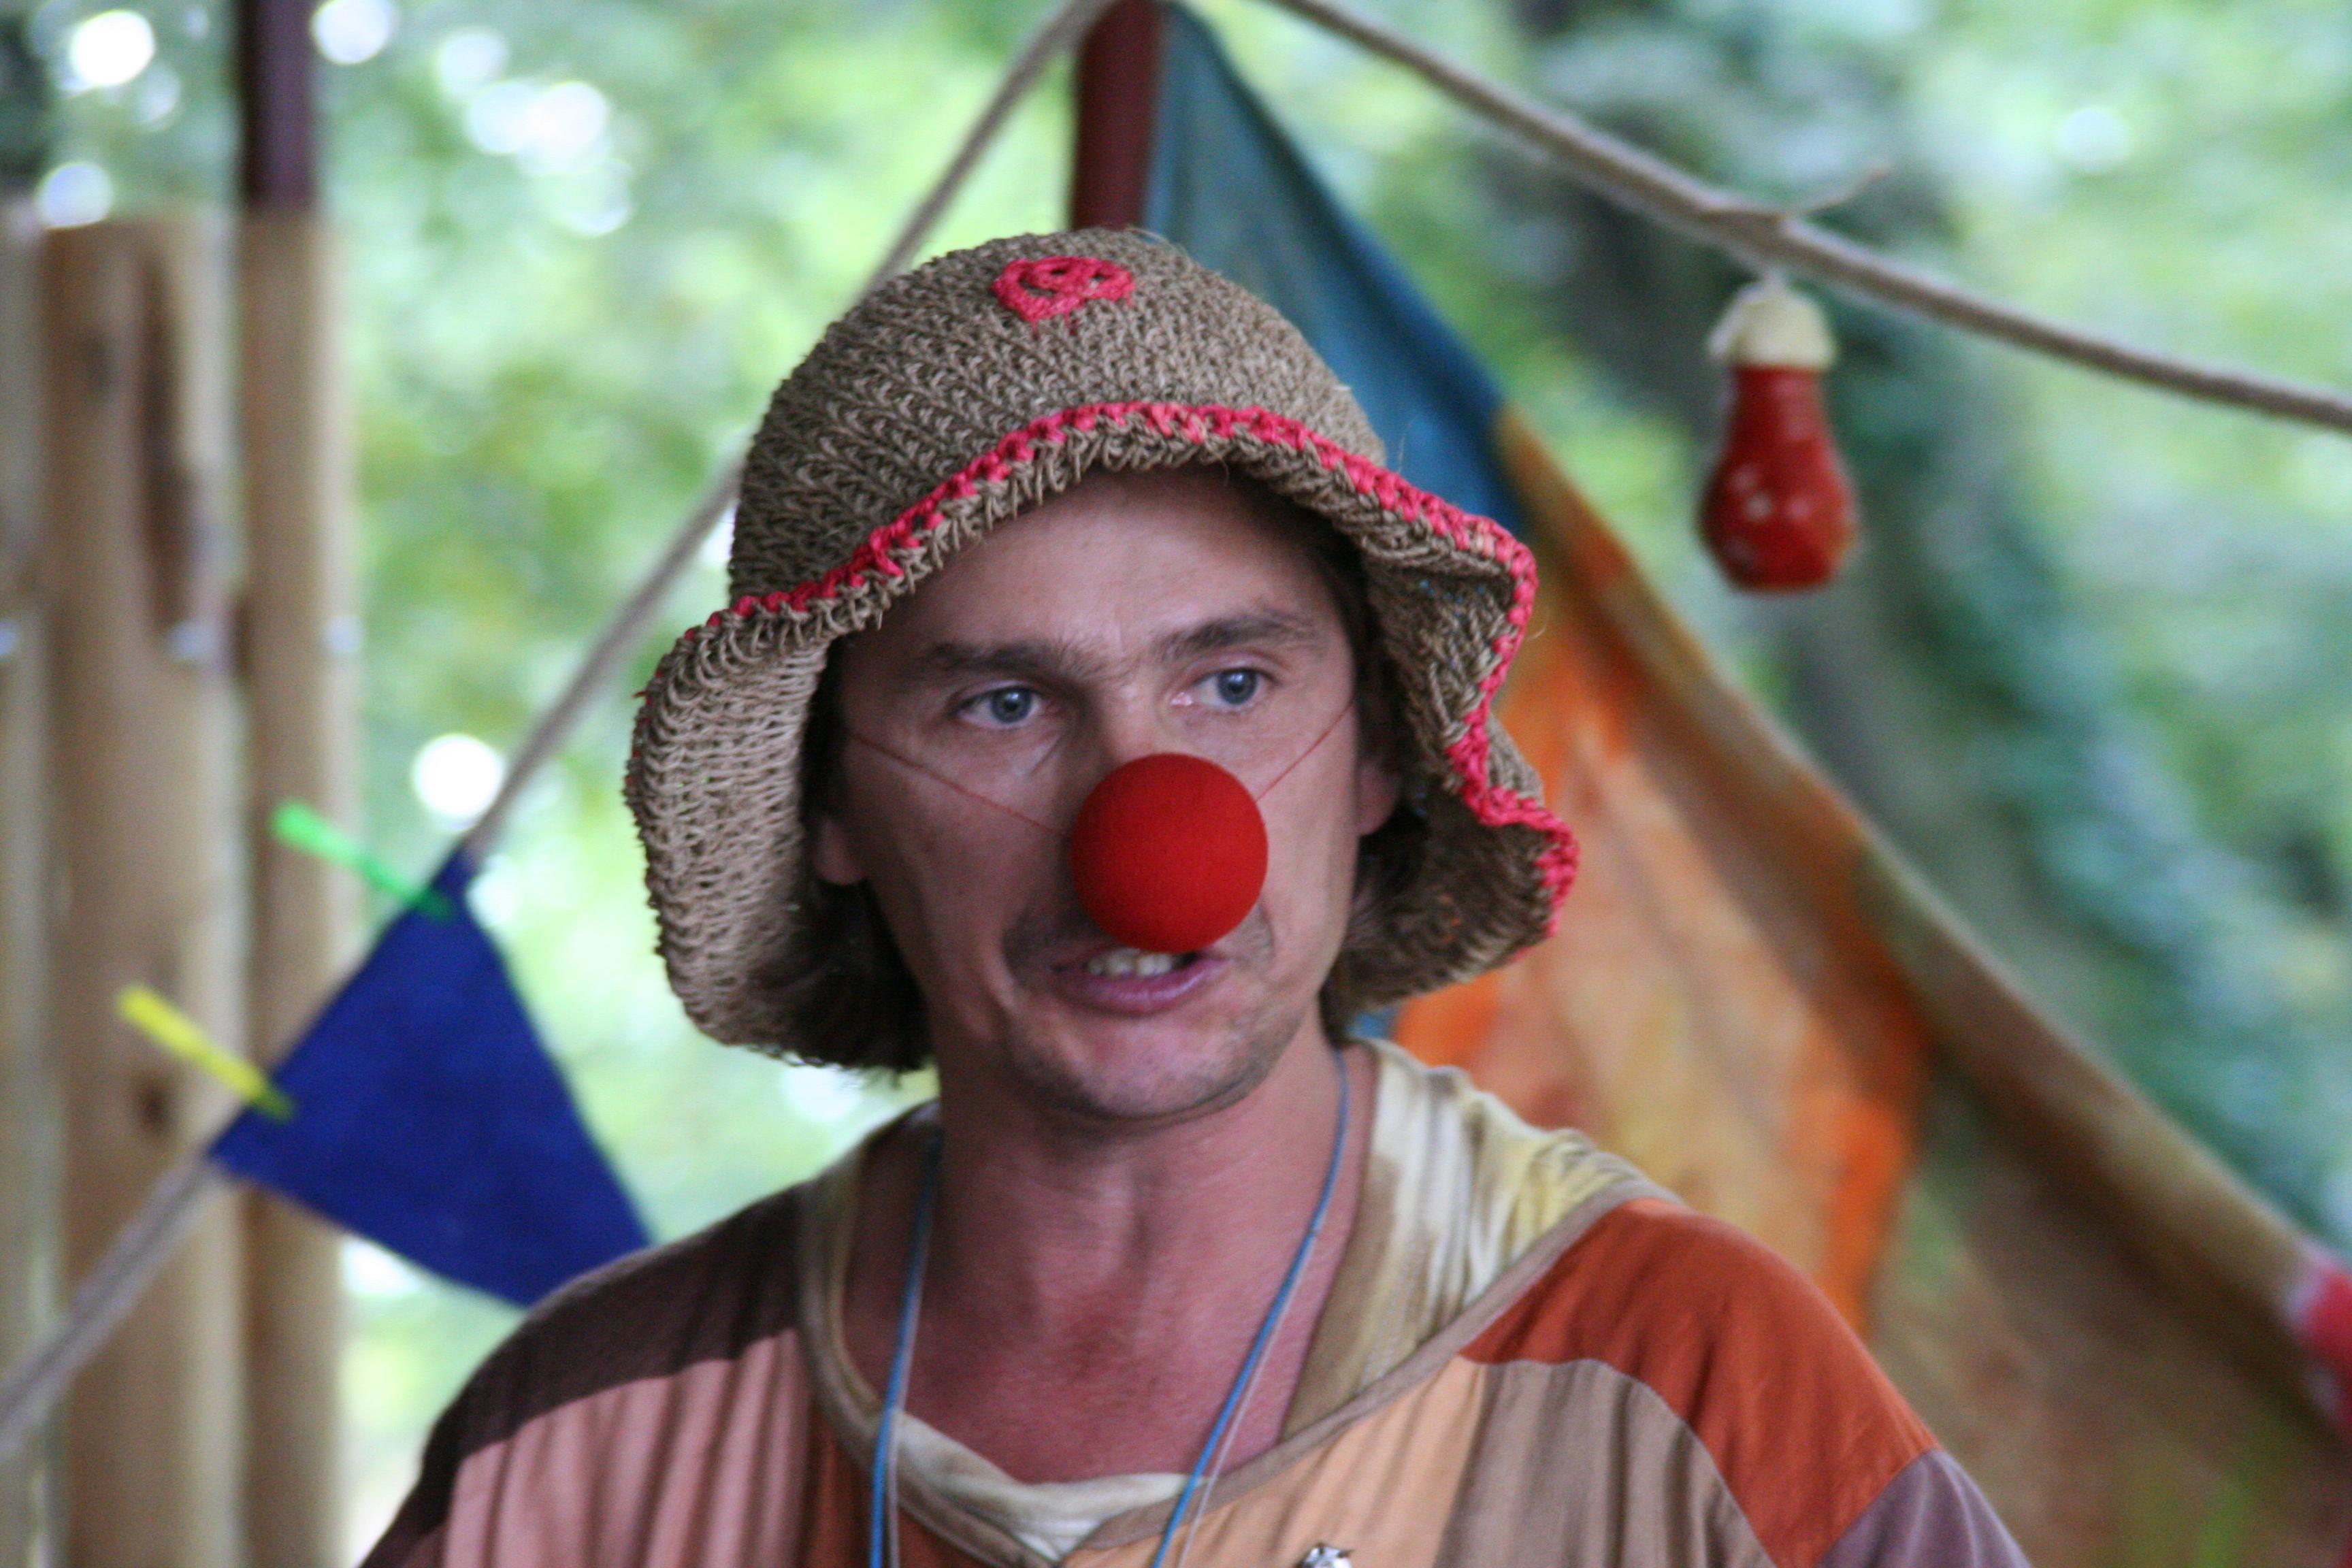 Cirkus Pepele